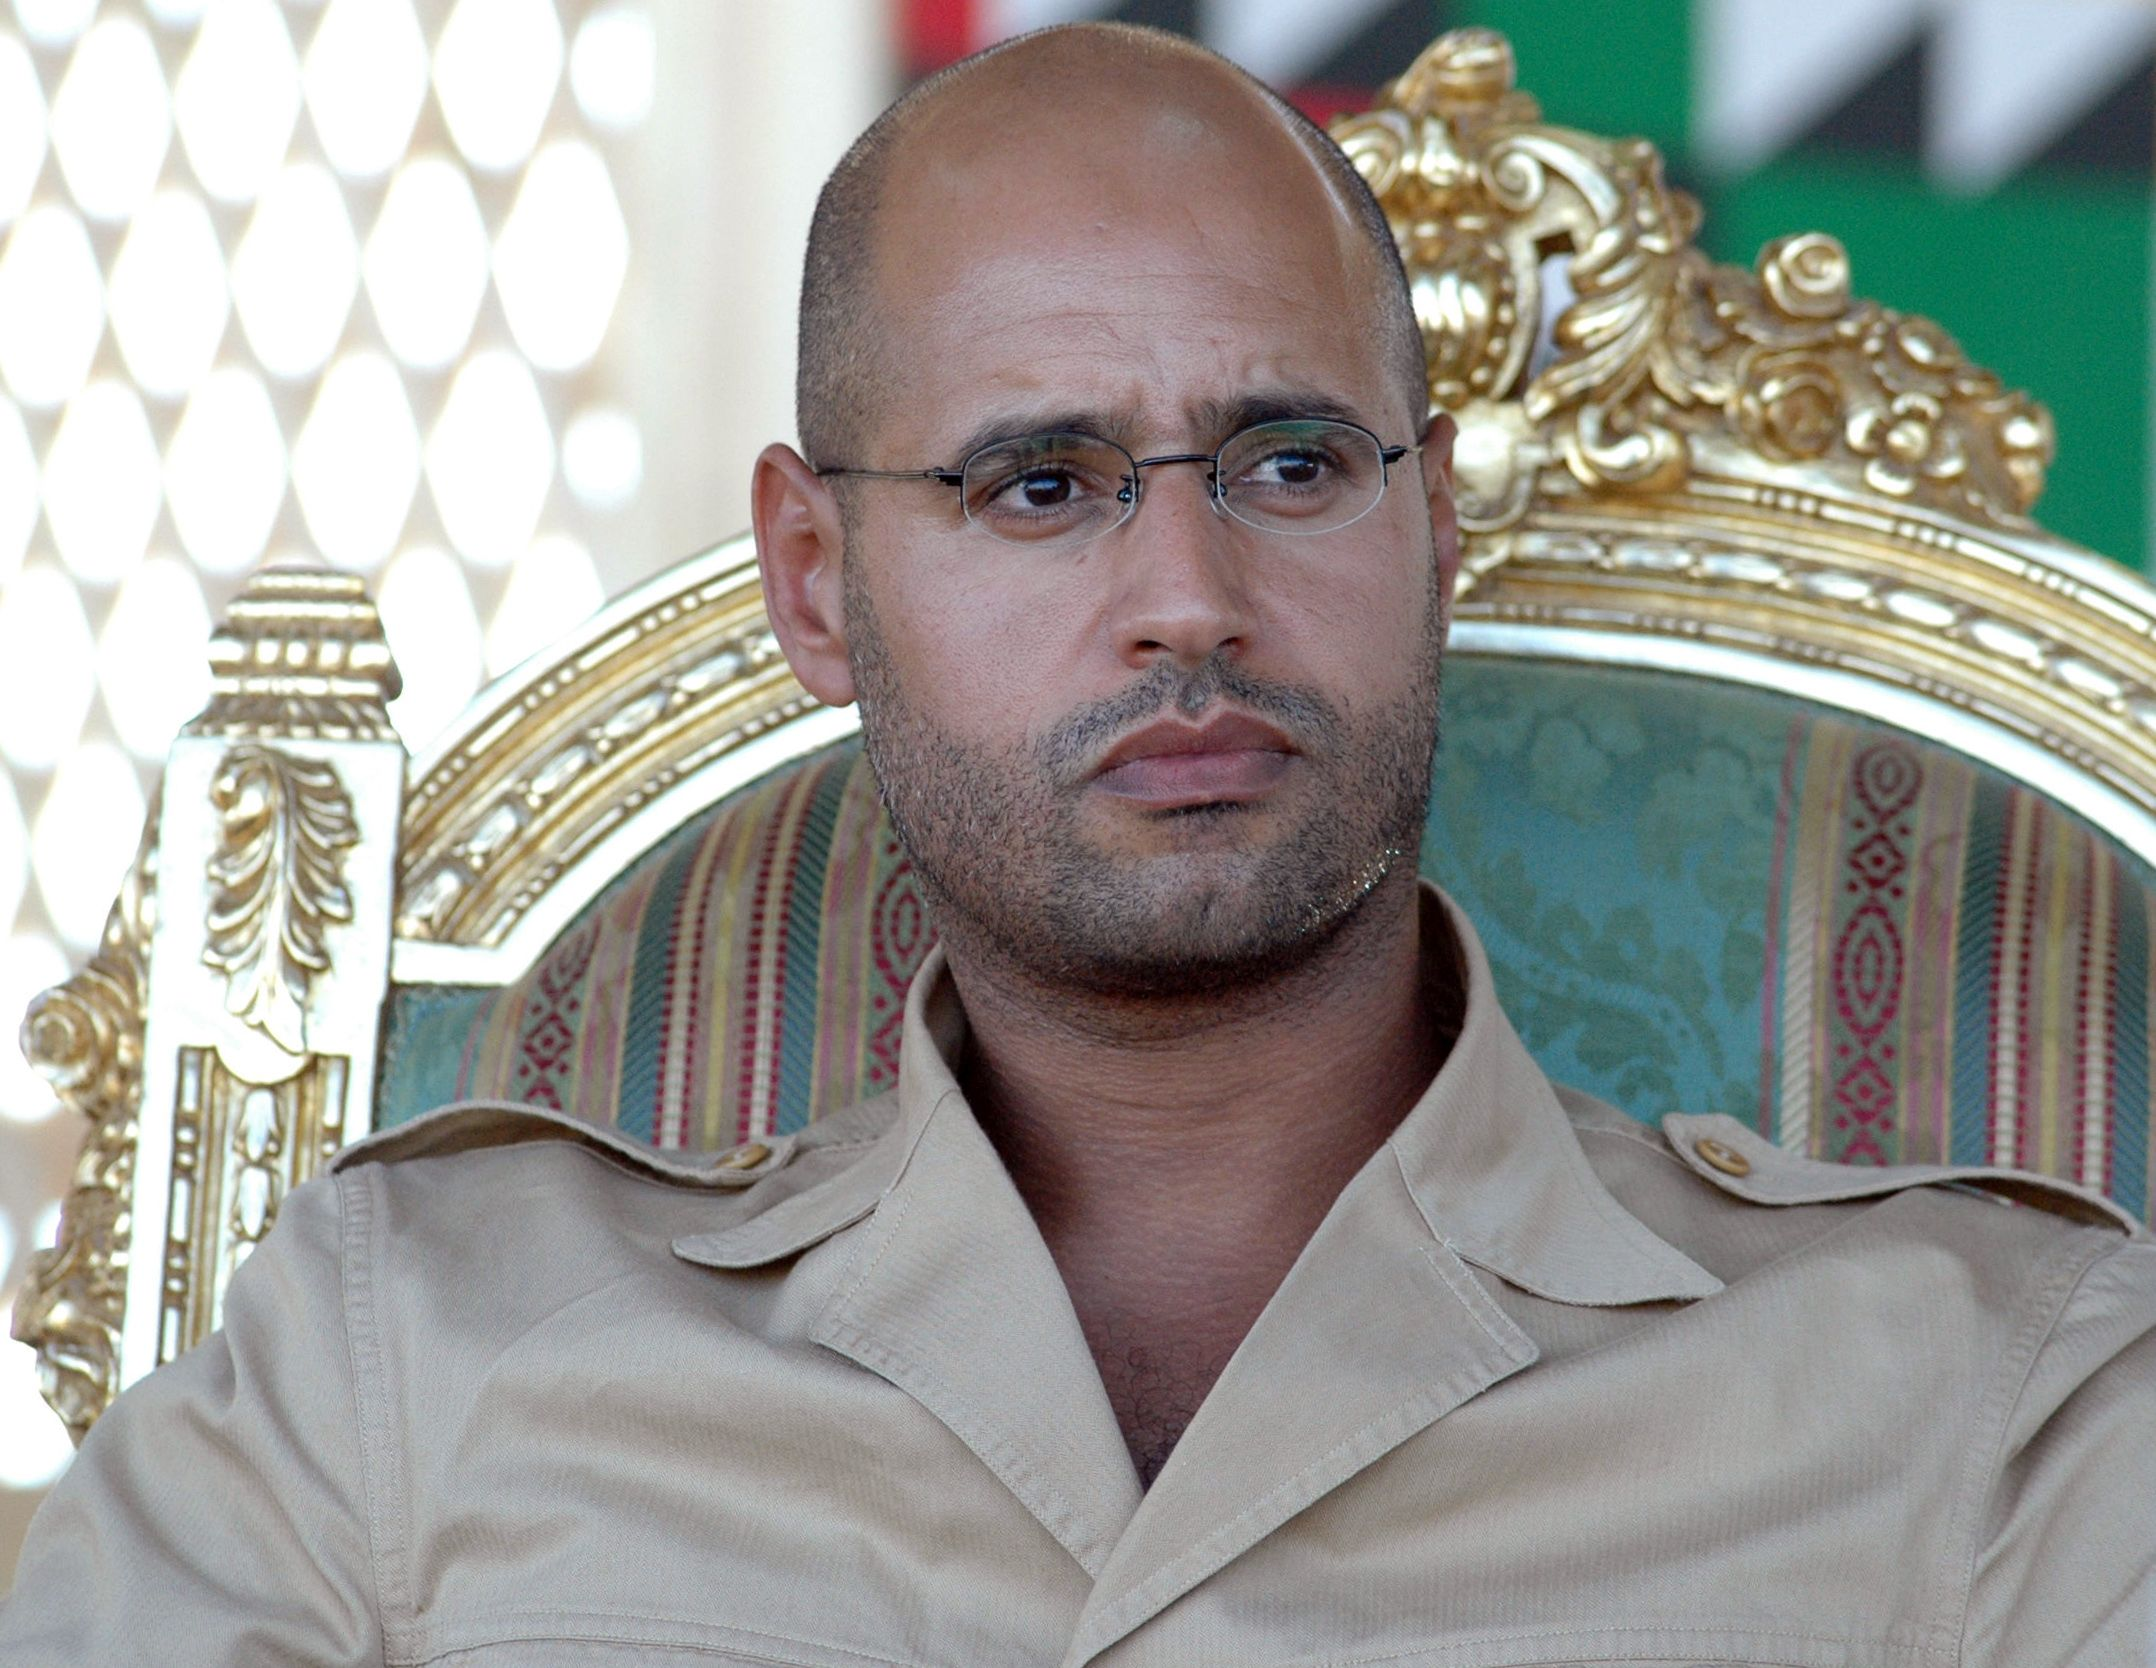 10_18_Saif_Gaddafi